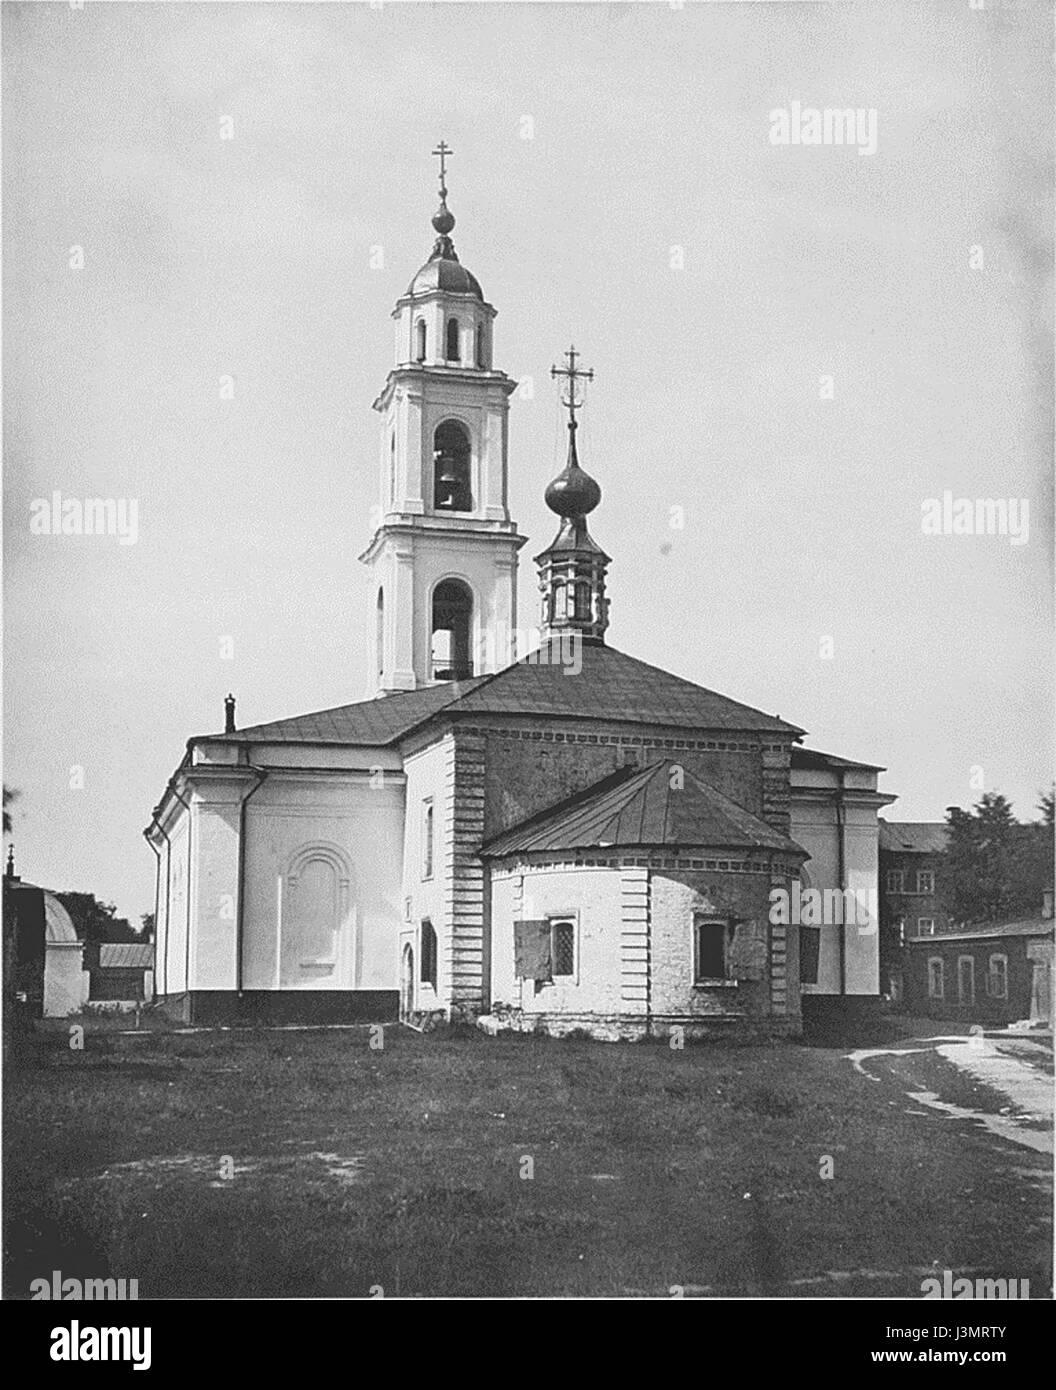 Holy Trinity Church in Shabalovka 2 - Stock Image